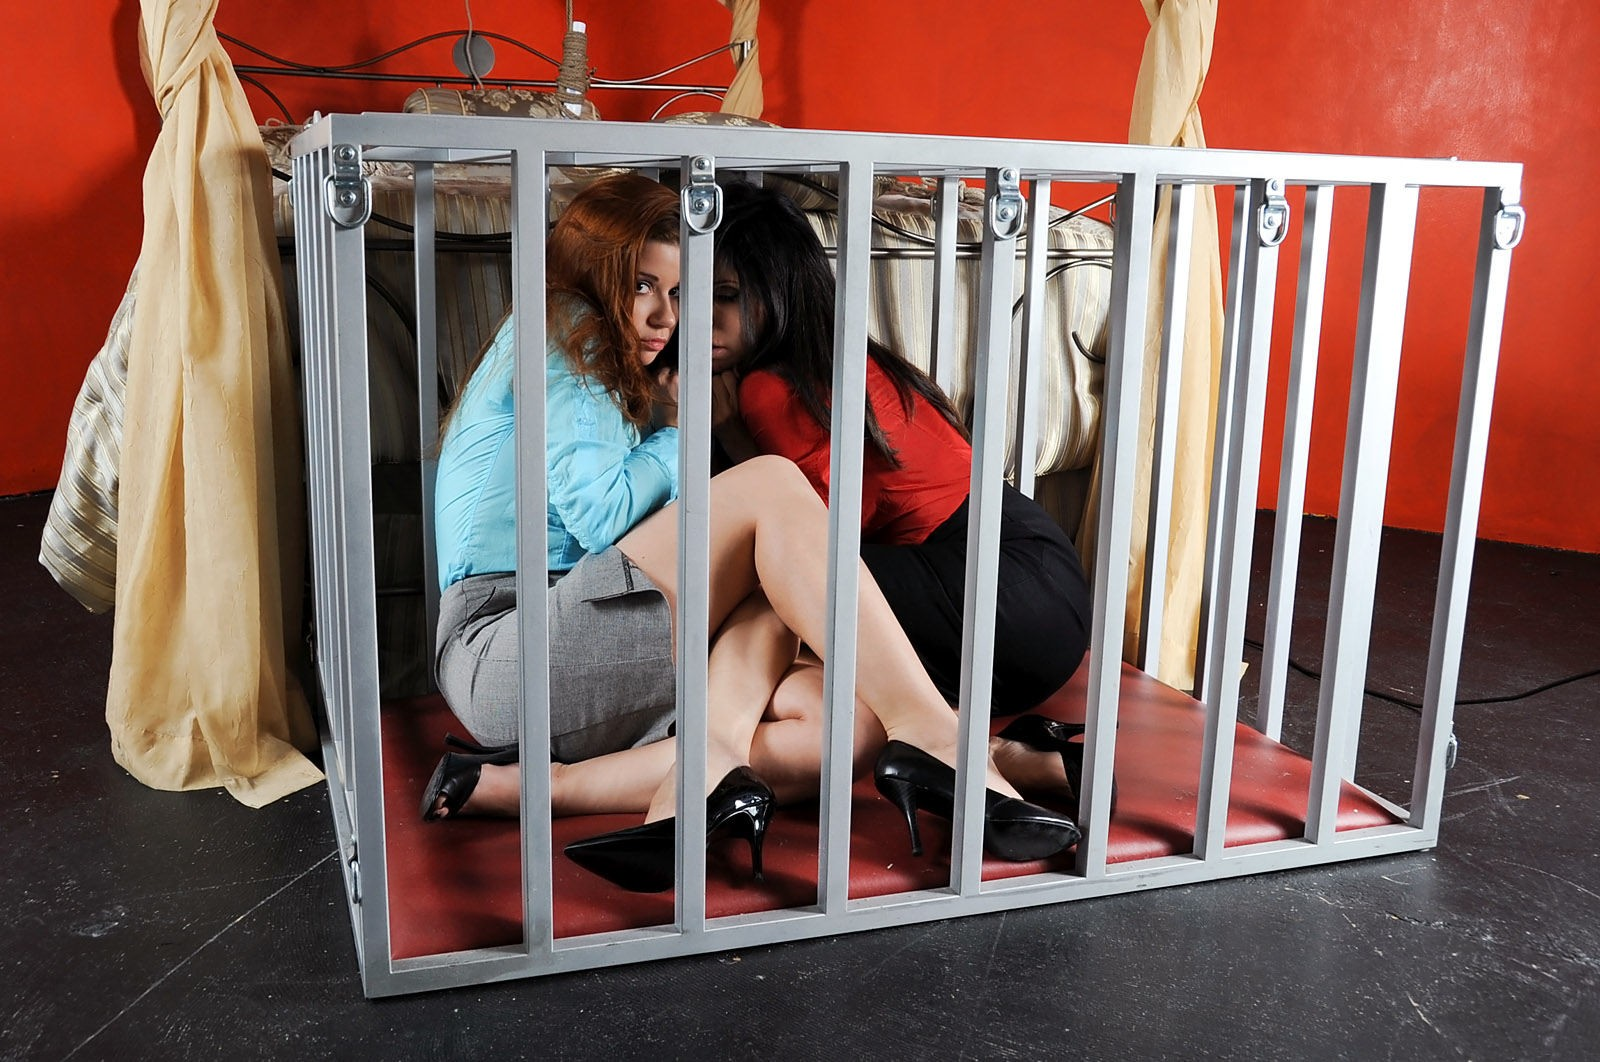 【SMエロ画像】調教後はしまっちゃおうw狭い檻に監禁されたM女の方々www 15